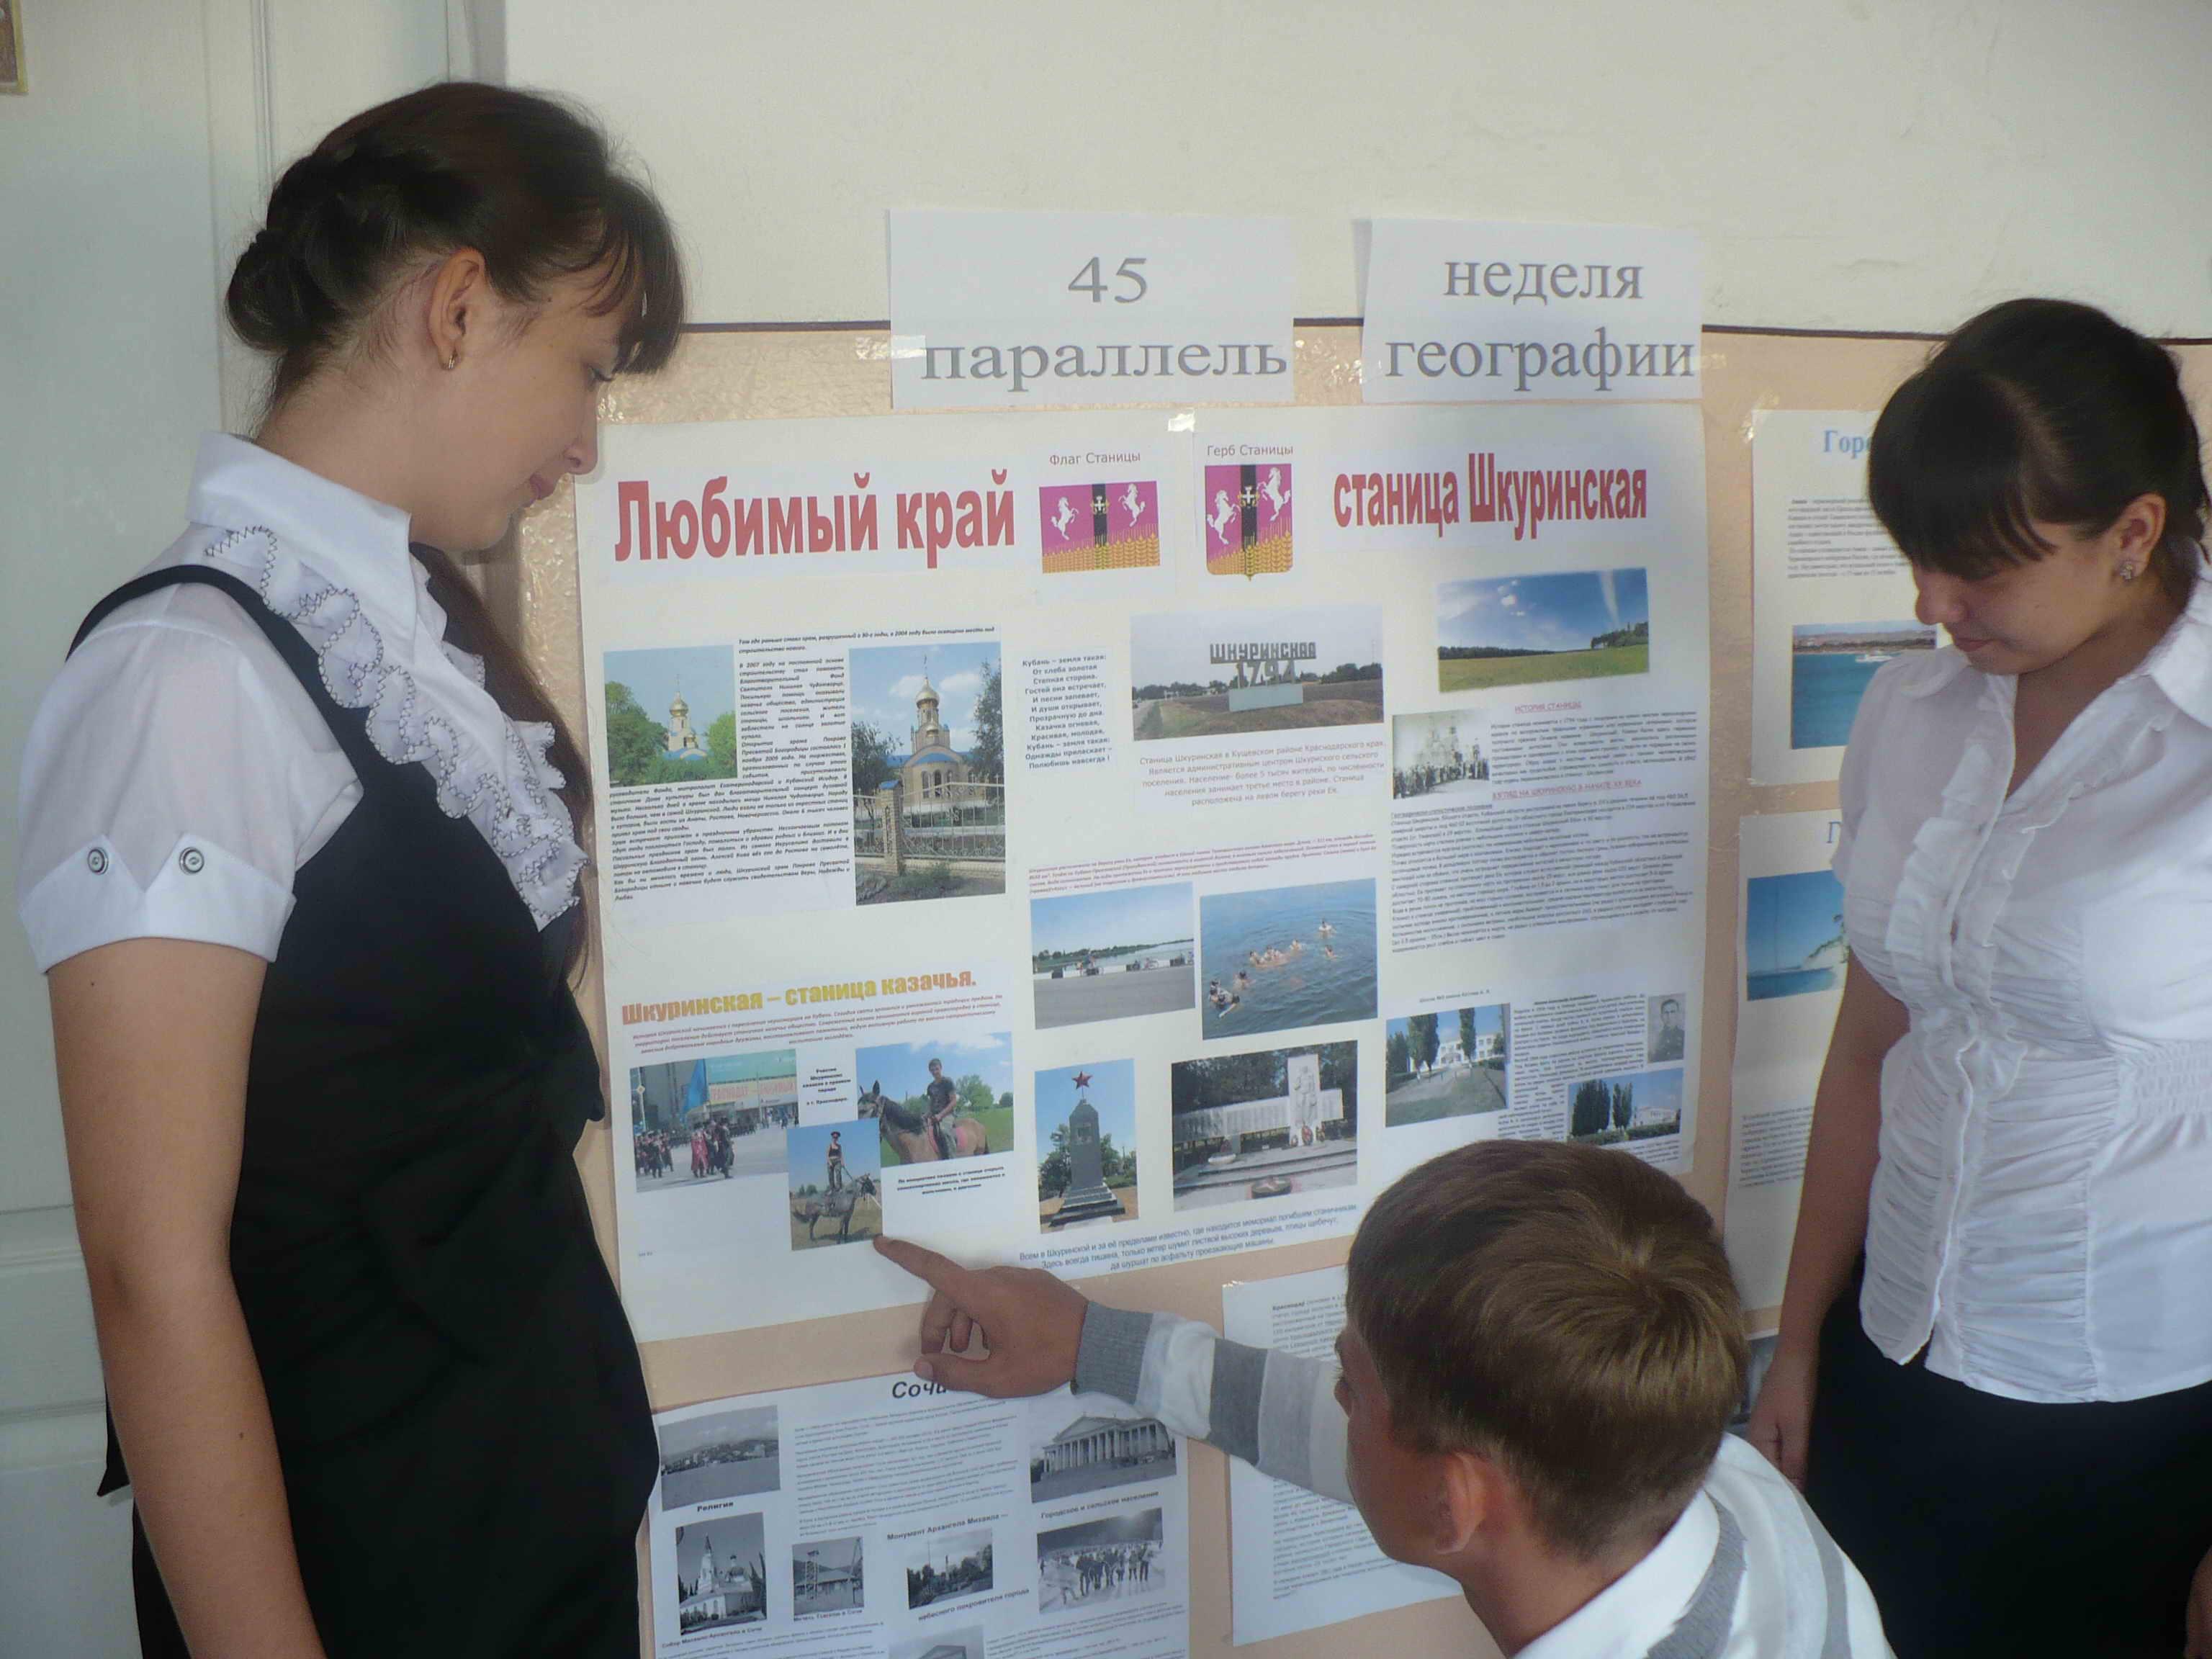 неделя географии в школе разработки мероприятий с презентацией его